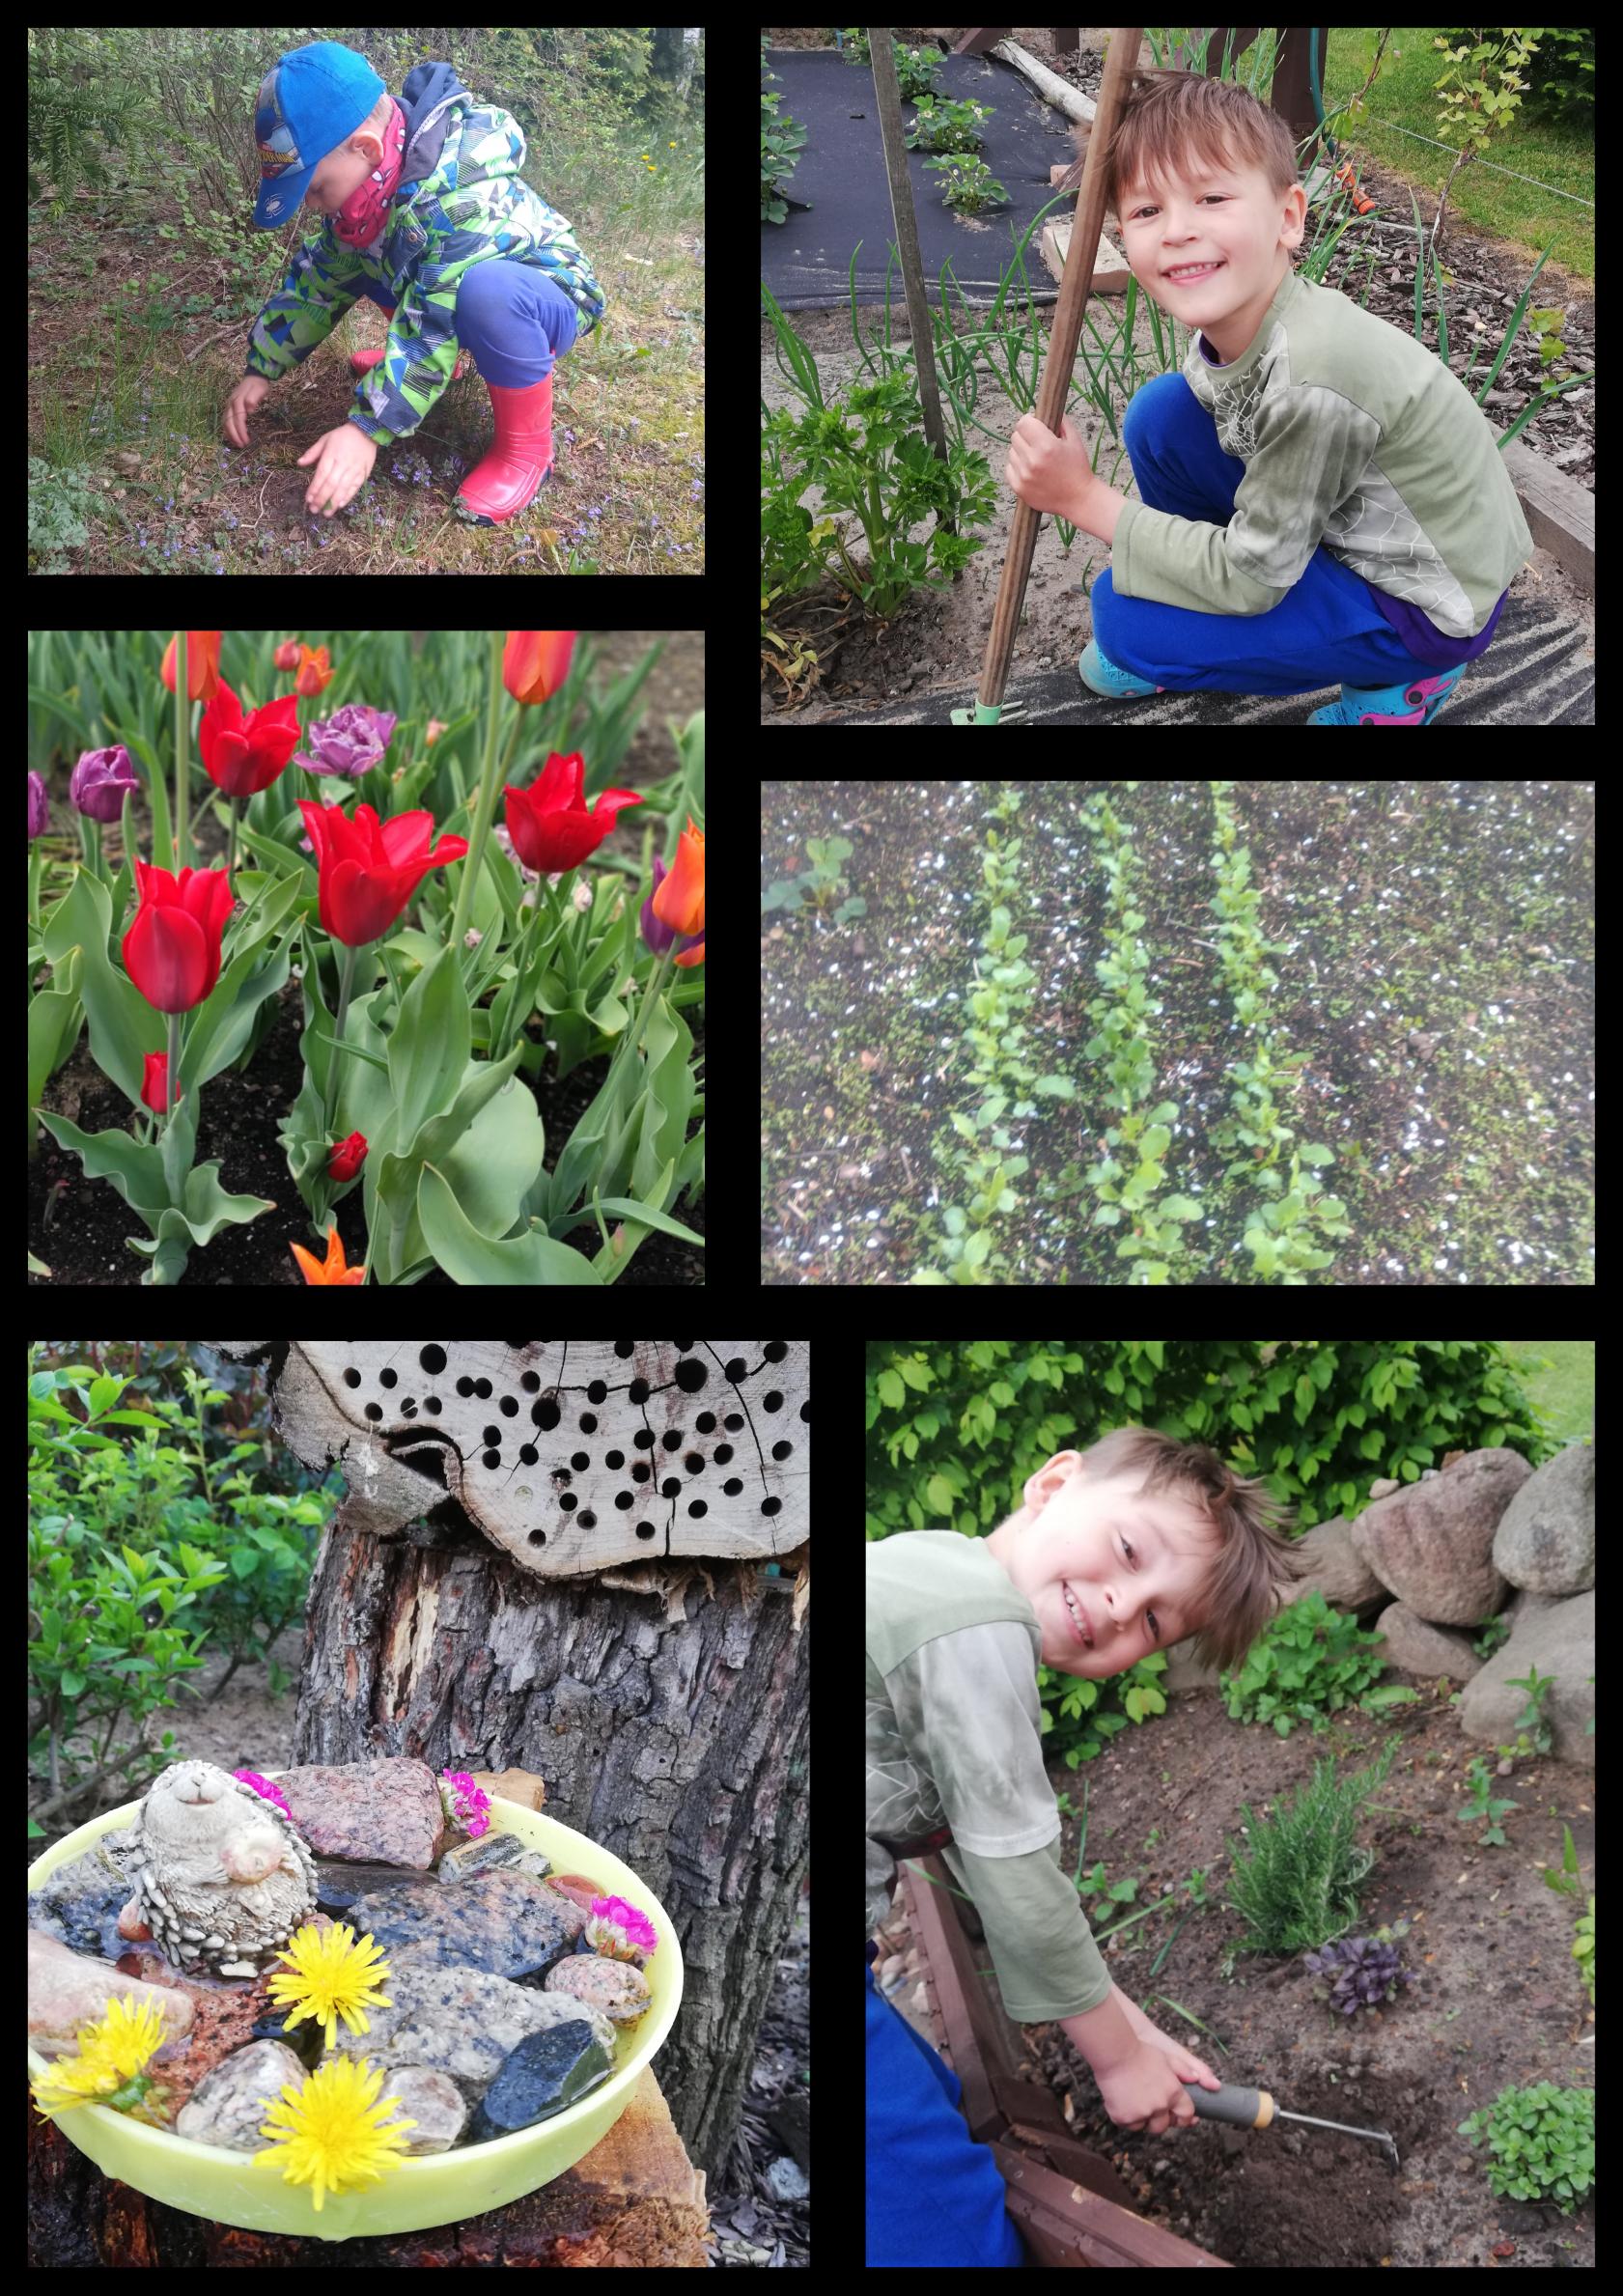 Na kolażu 6 zdjęć chłopca w ogrodzie. Sieje warzywa i wykonuje inne prace.